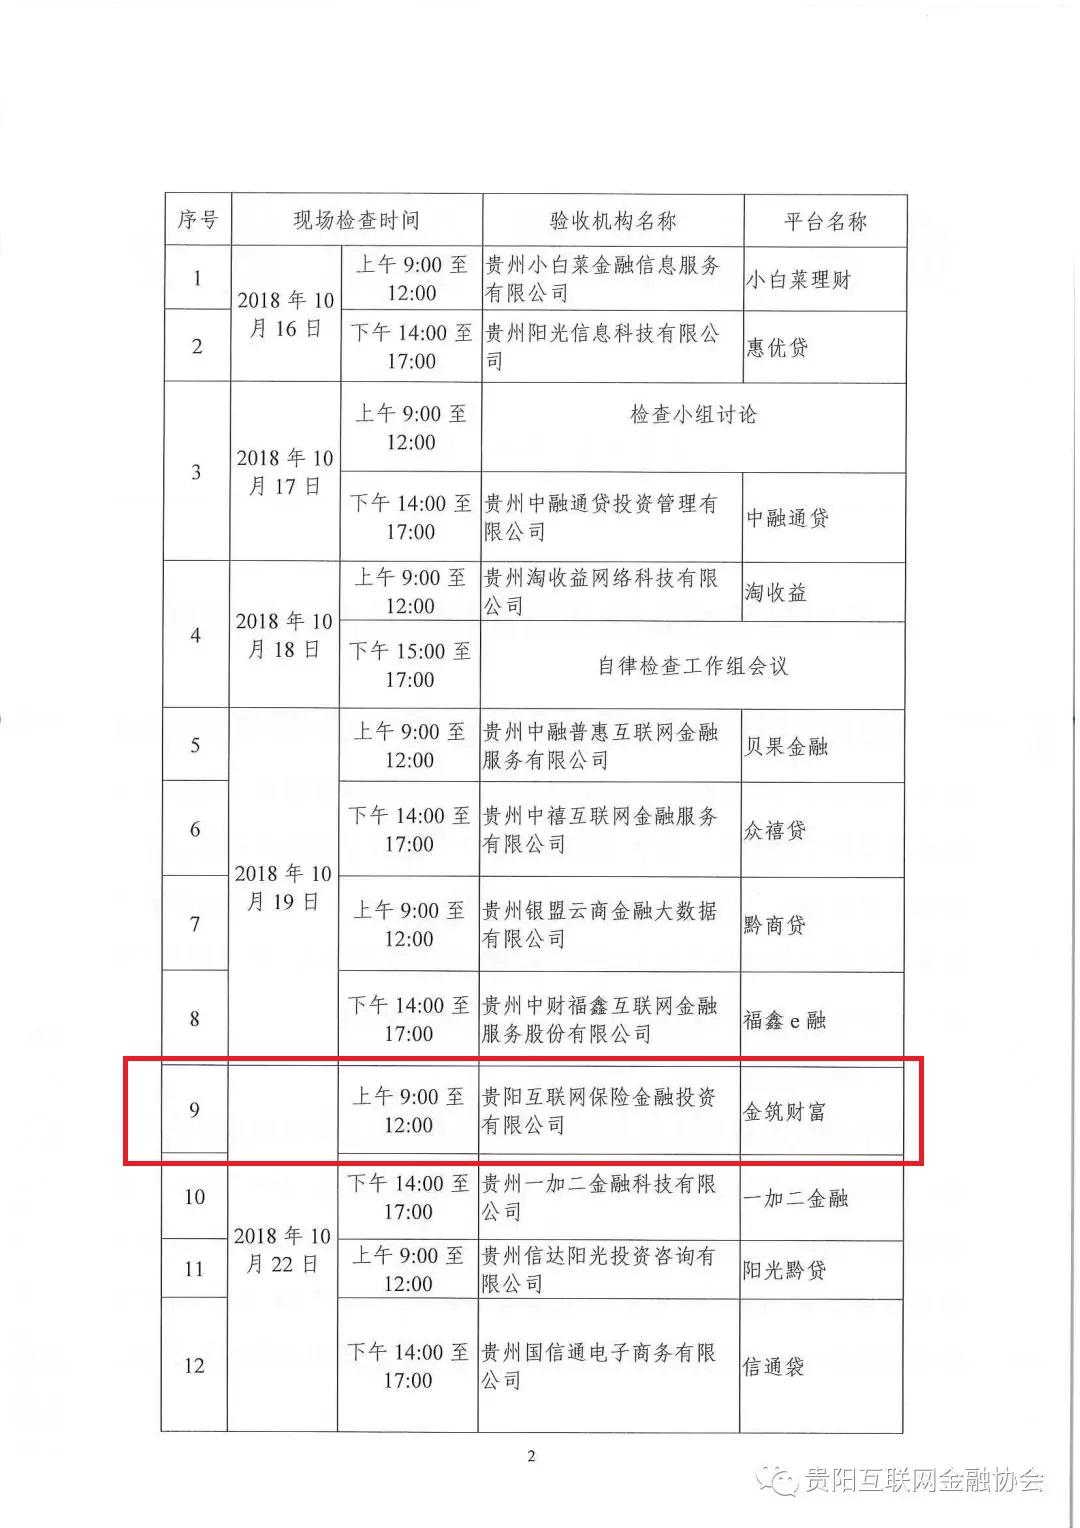 贵州p2p备案进展